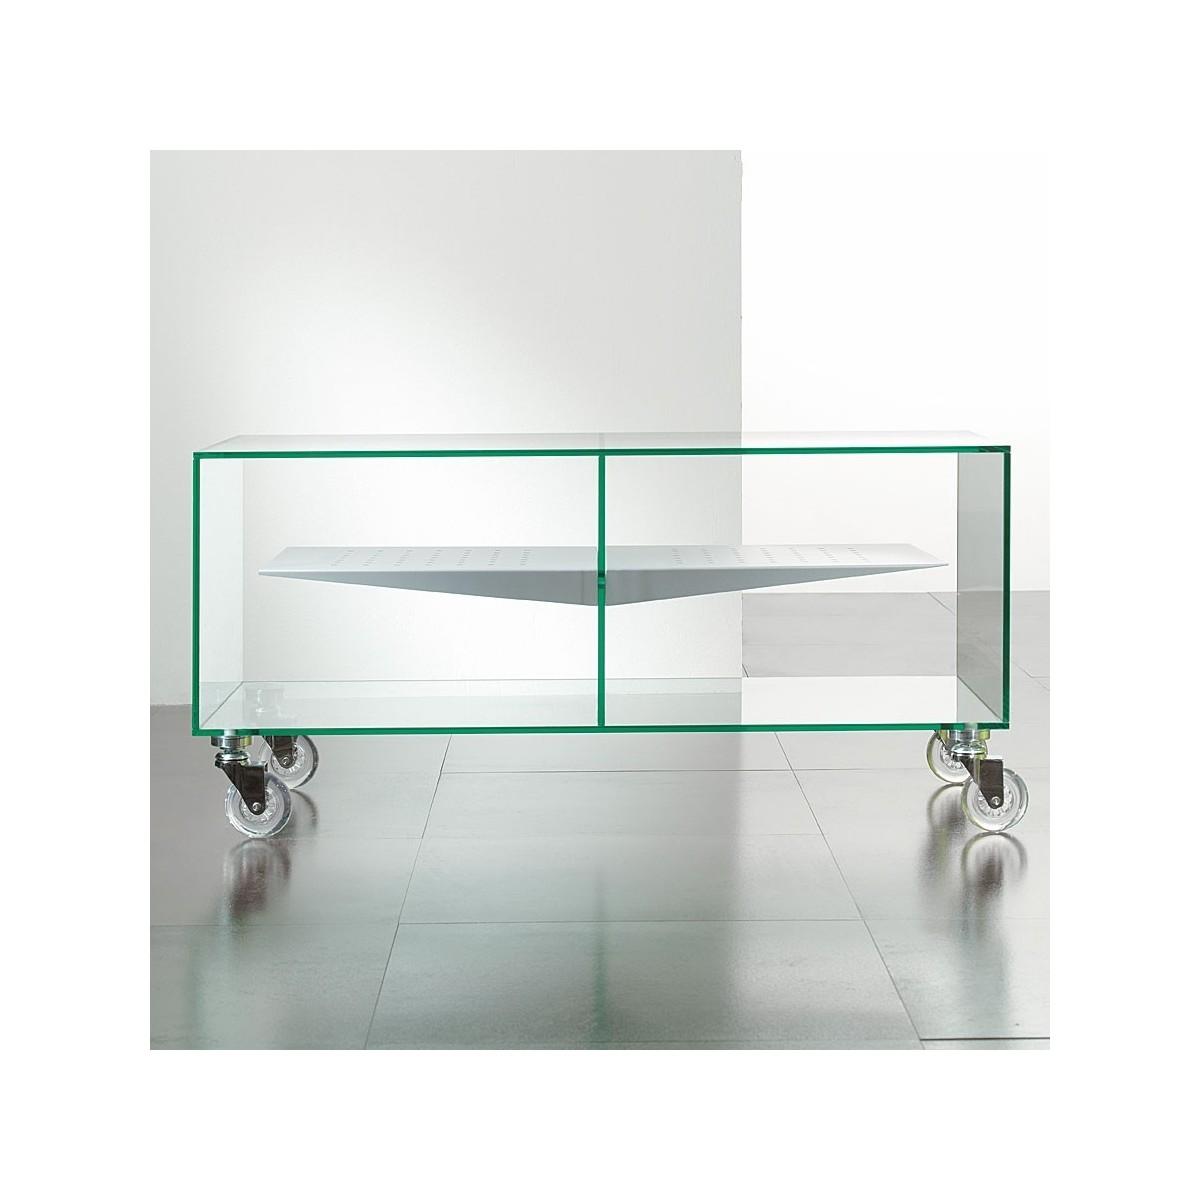 Carrello porta televisore in vetro trasparente 90 x 40 cm ebox - Porta televisore in vetro ...